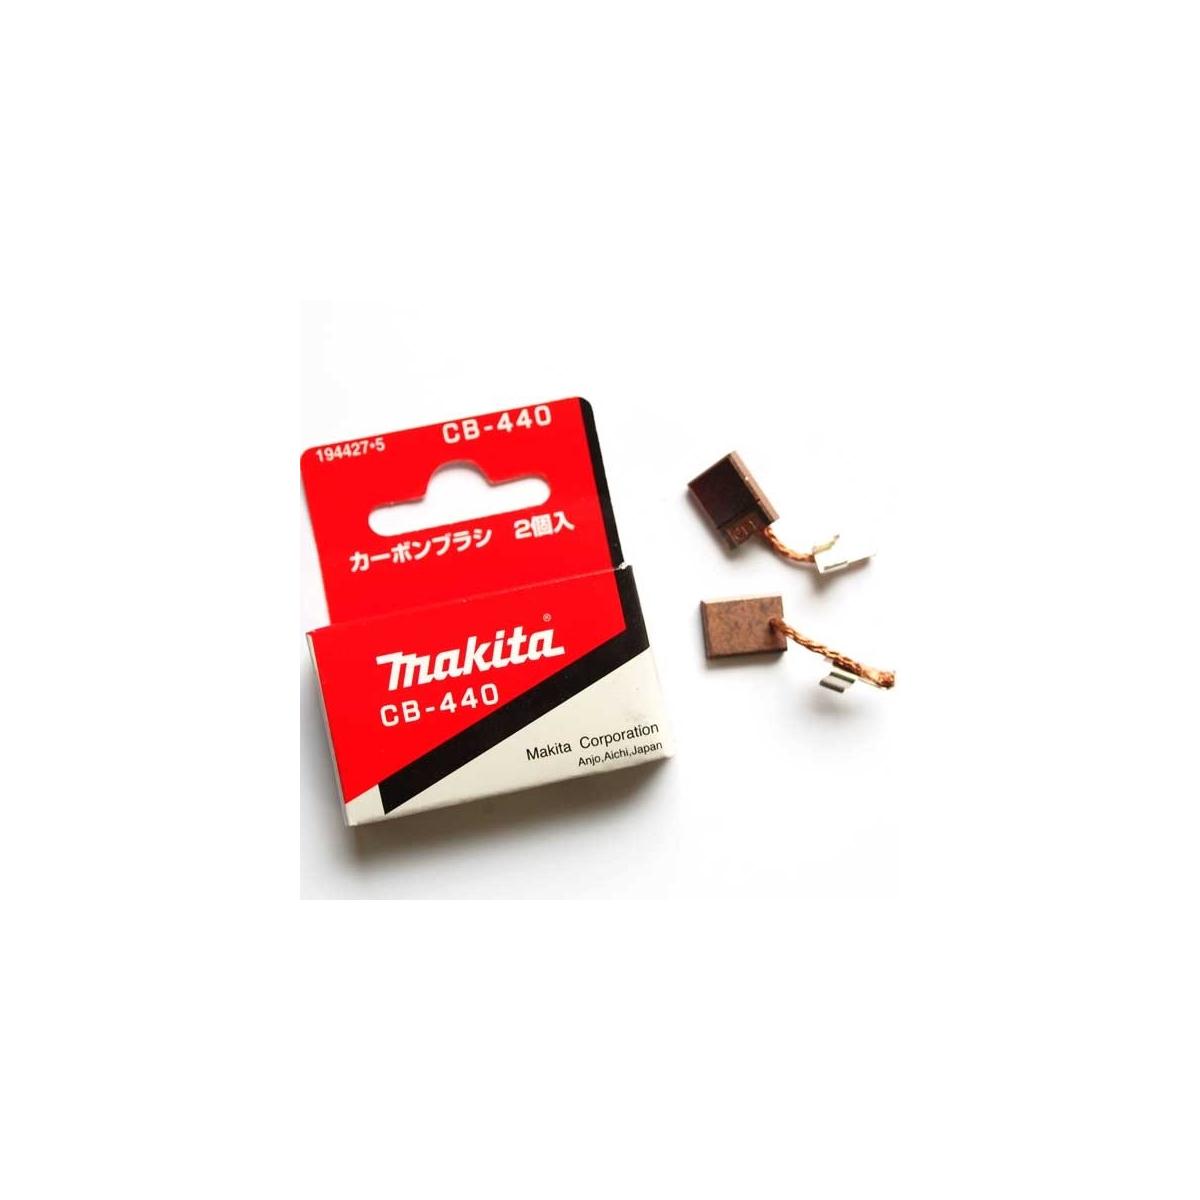 6503d eh-450 uh3000 9514bh Moteur 2x Charbon 5 x 8 x 11 mm pour Makita 4320